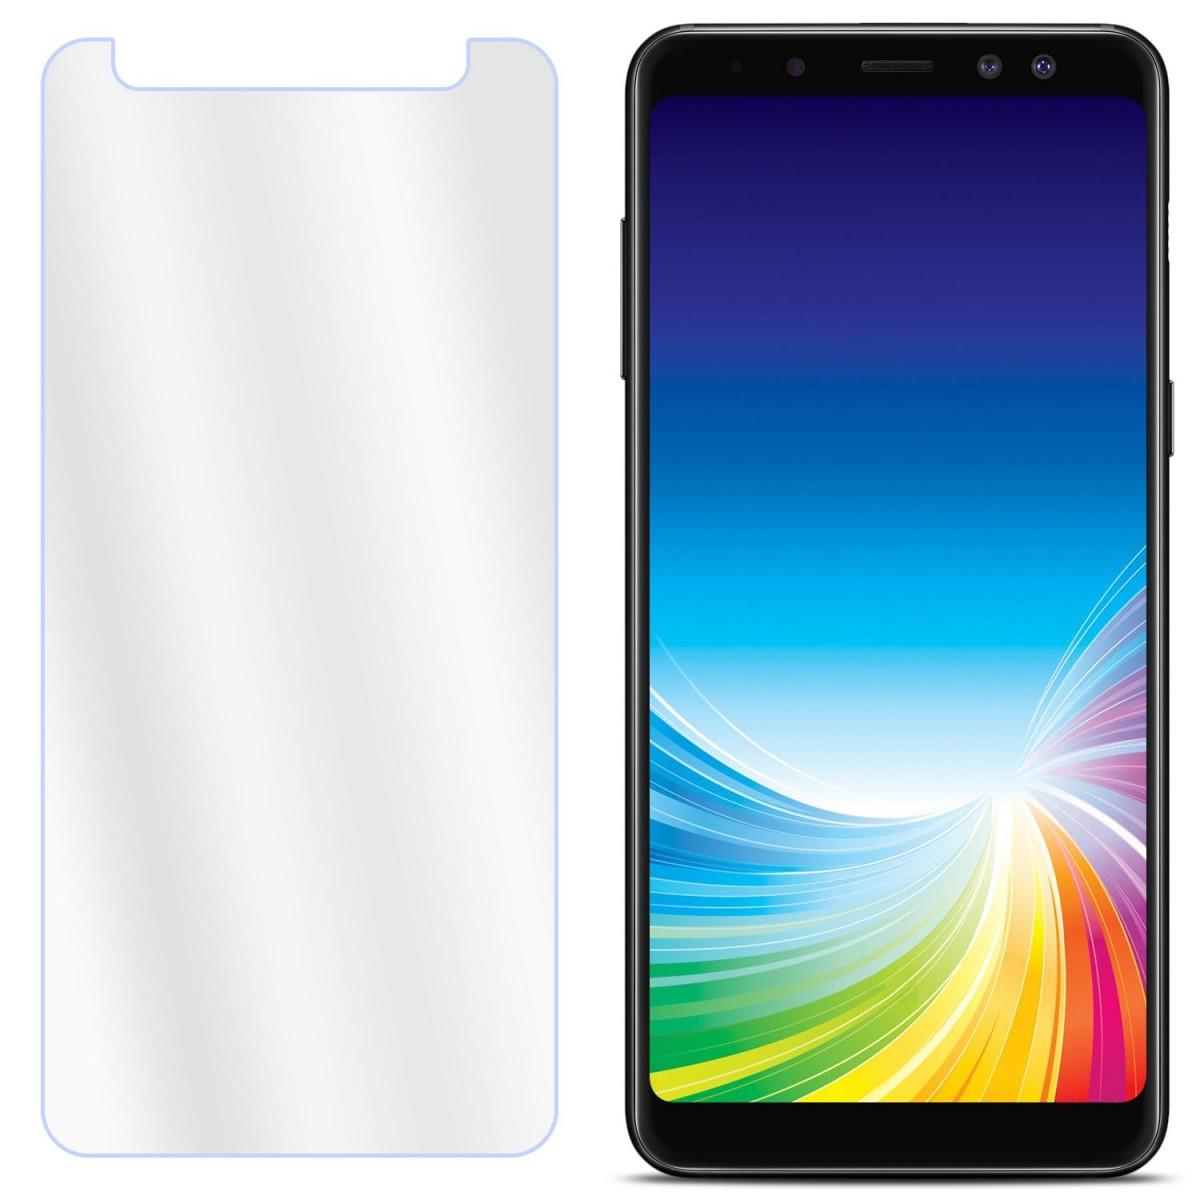 Ochranné tvrzené sklo 9H Galaxy A8 Plus 2018 / A8+ DUOS 2018 (730F)